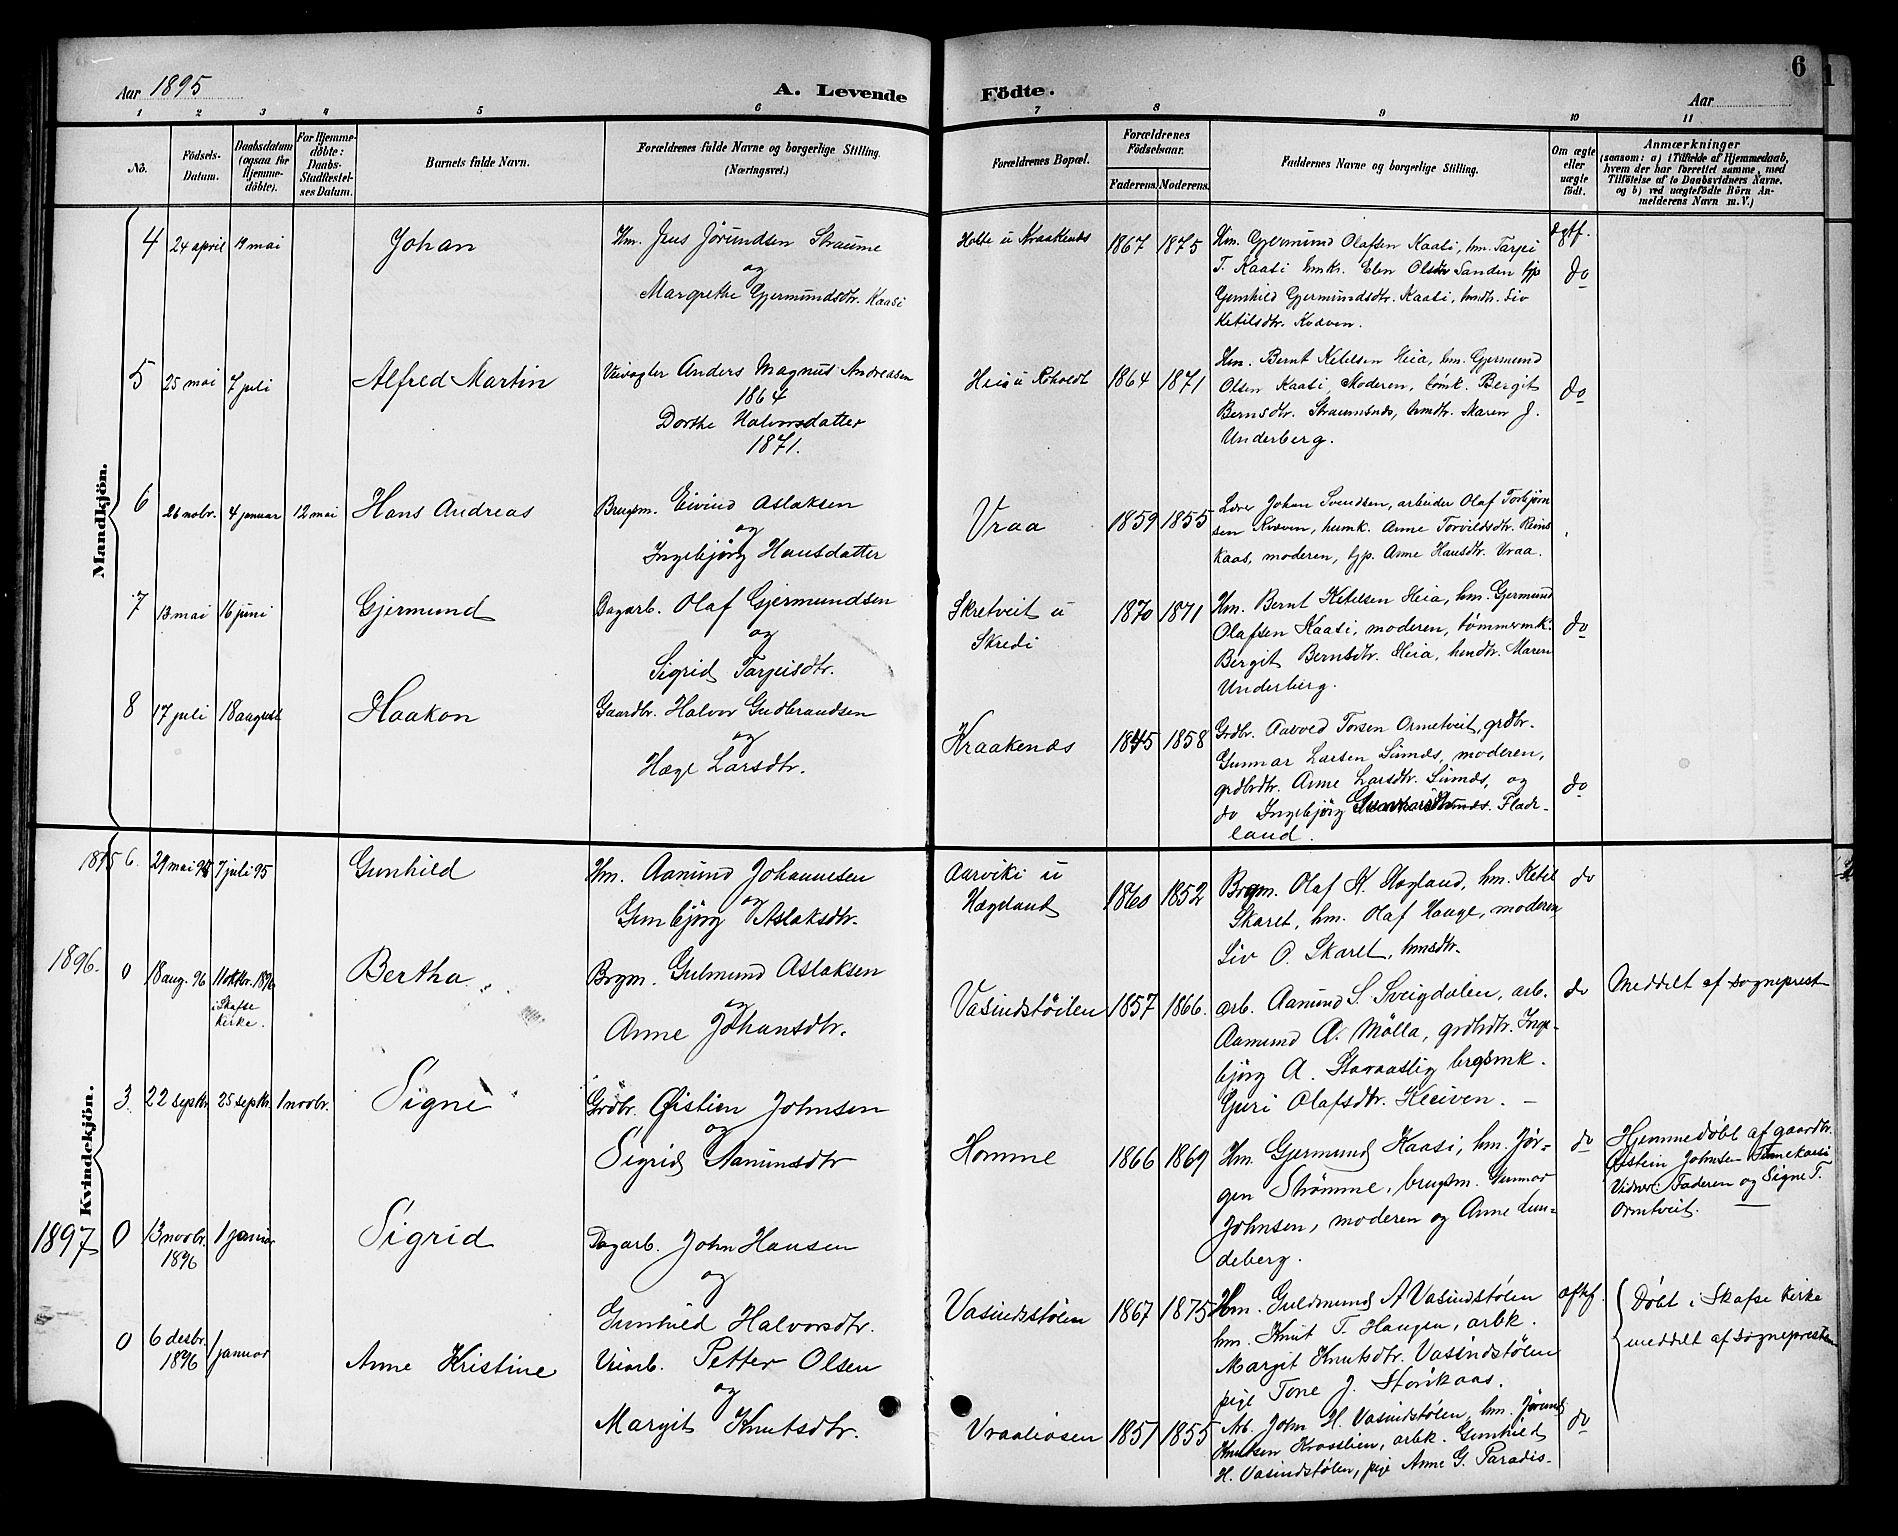 SAKO, Kviteseid kirkebøker, G/Gc/L0001: Klokkerbok nr. III 1, 1893-1916, s. 6